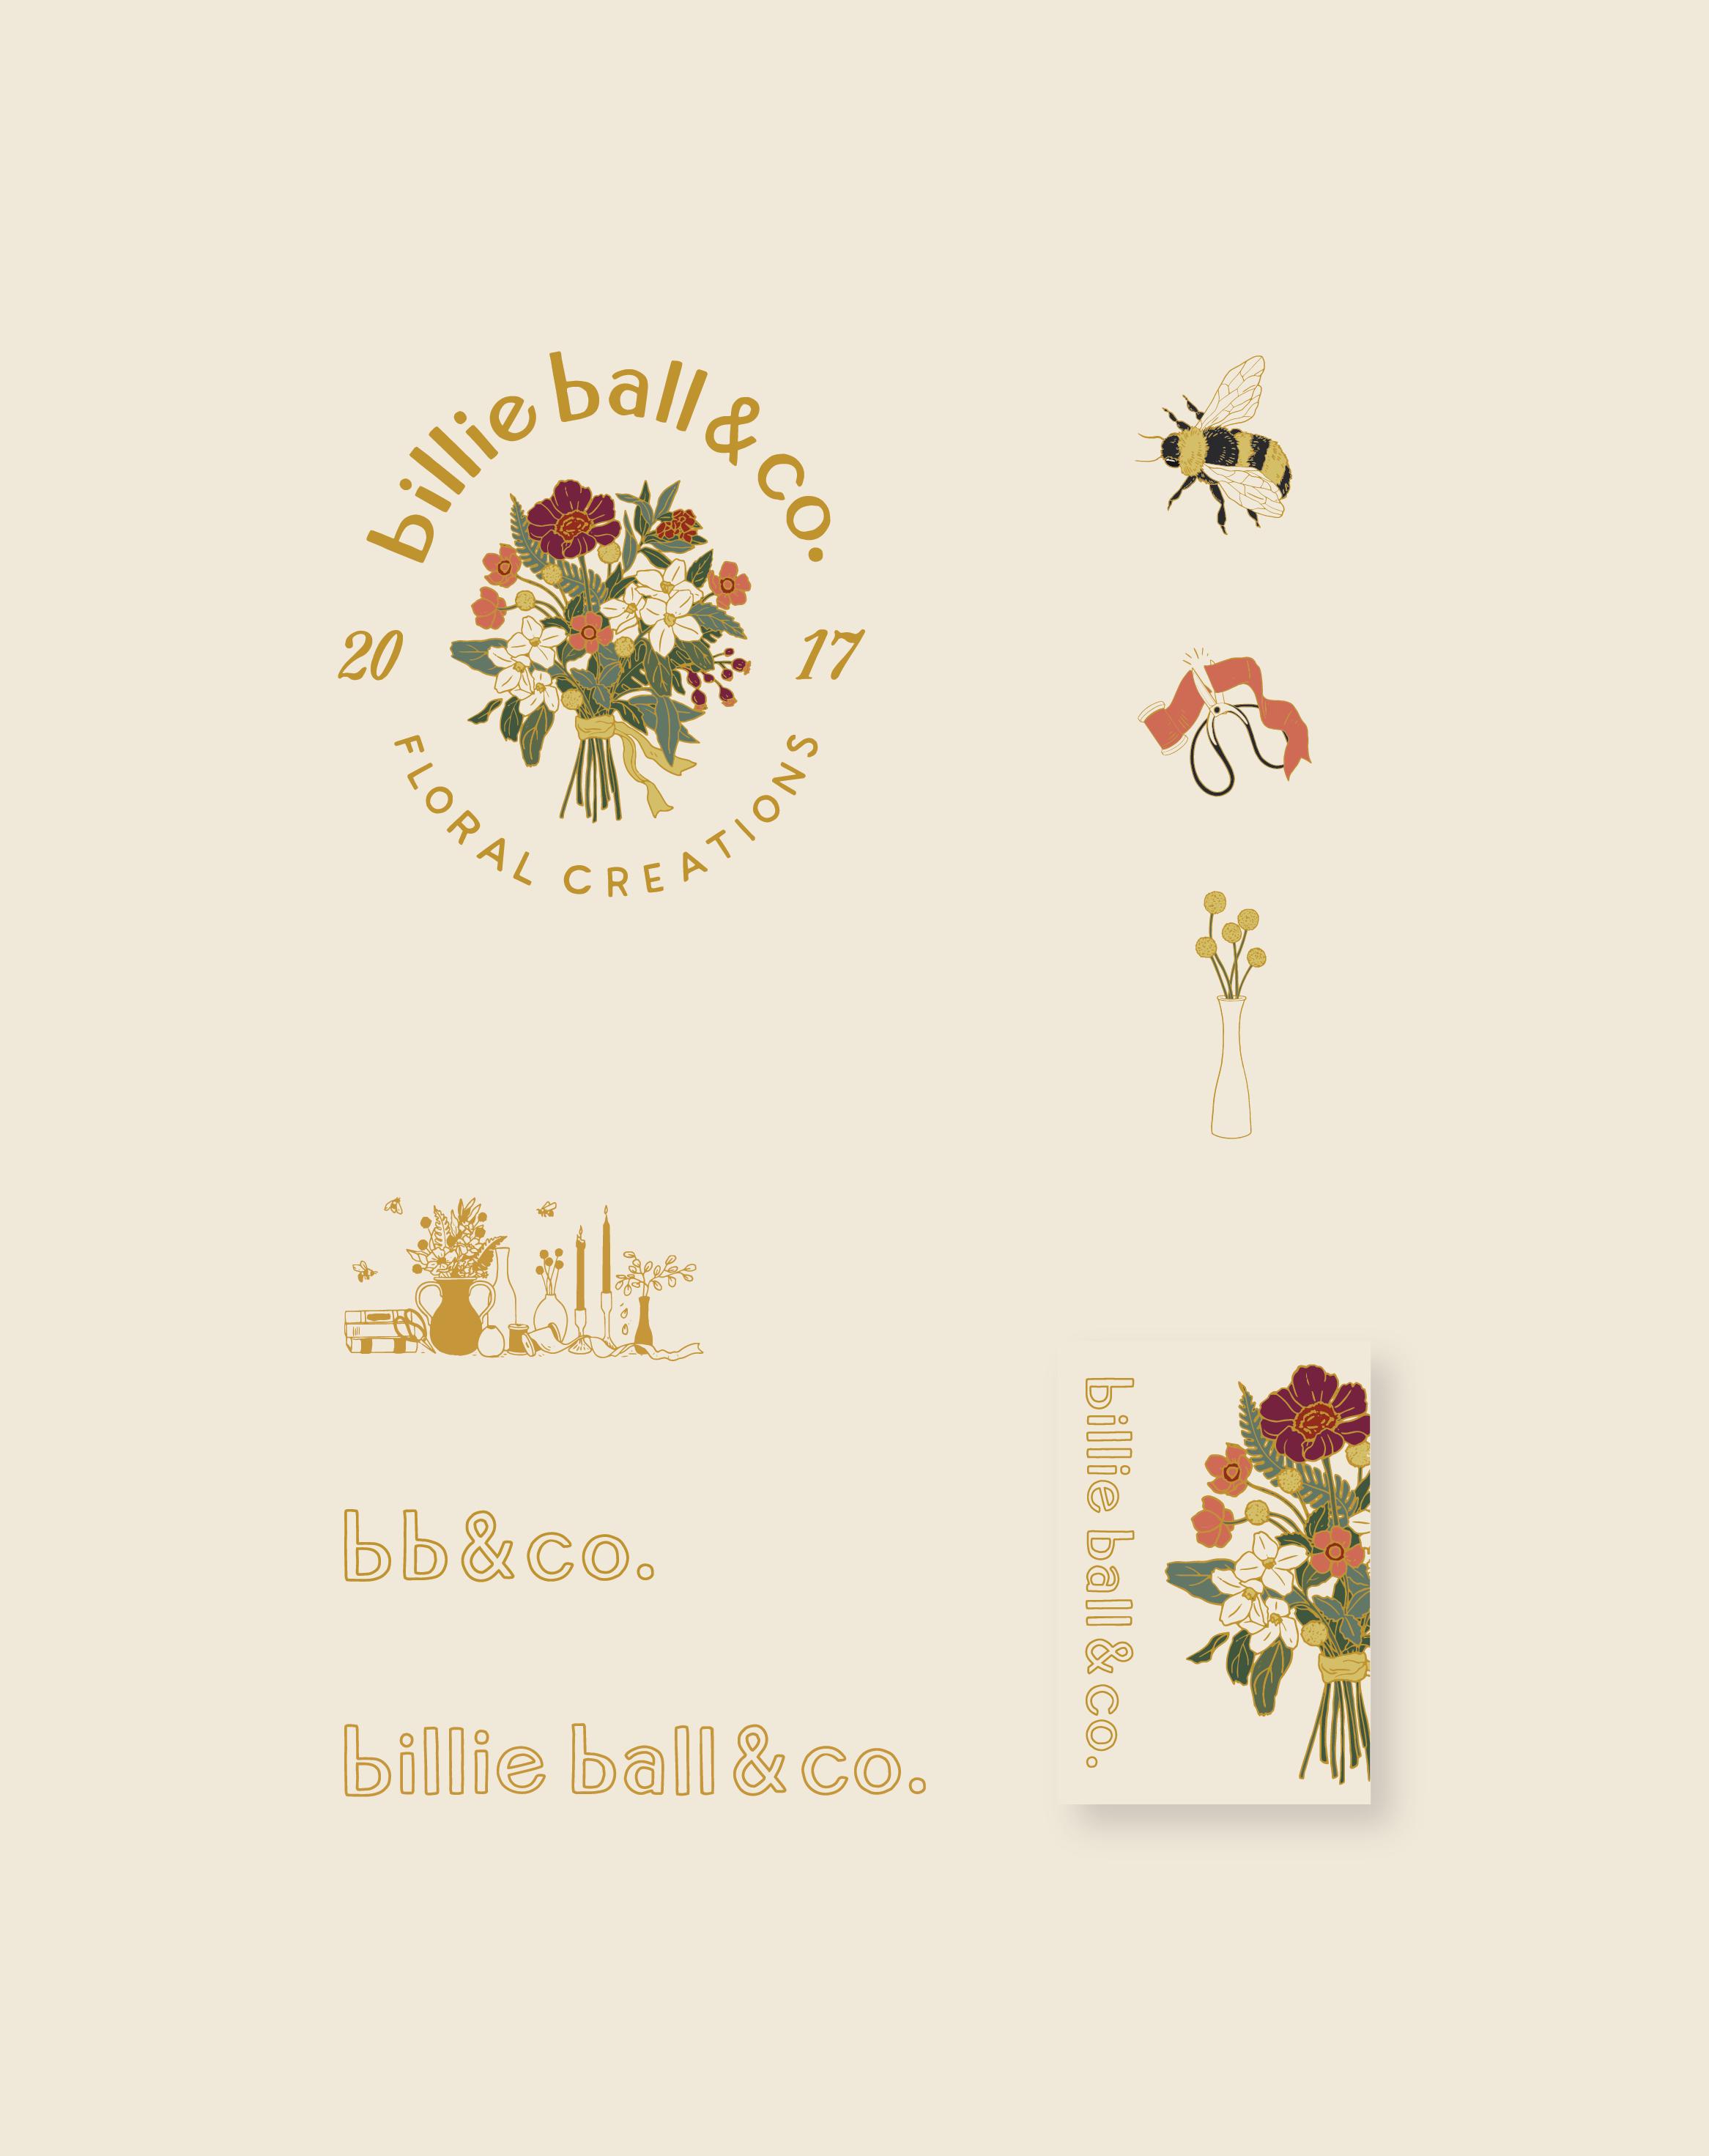 billie ball & co. | Branding